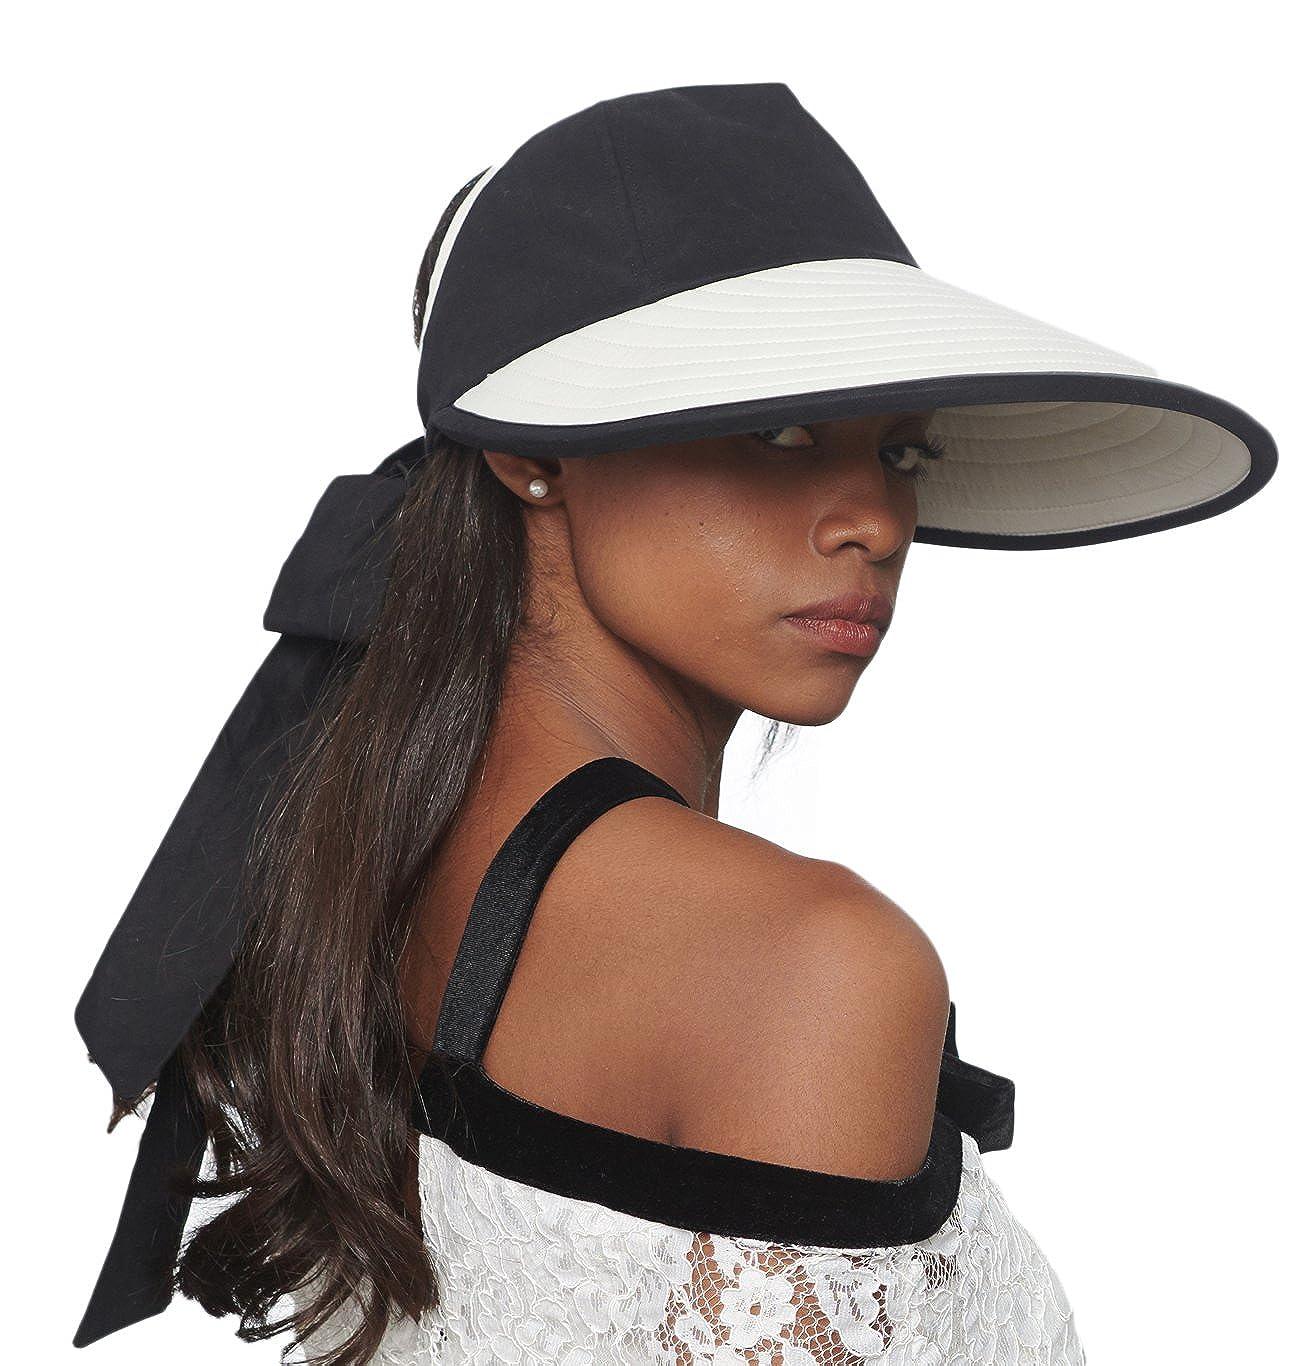 CACUSS Sombrero de Sol de Verano para Mujeres Sombrero de ala Grande Visor  Ajustable Packable UPF cd782f8538b